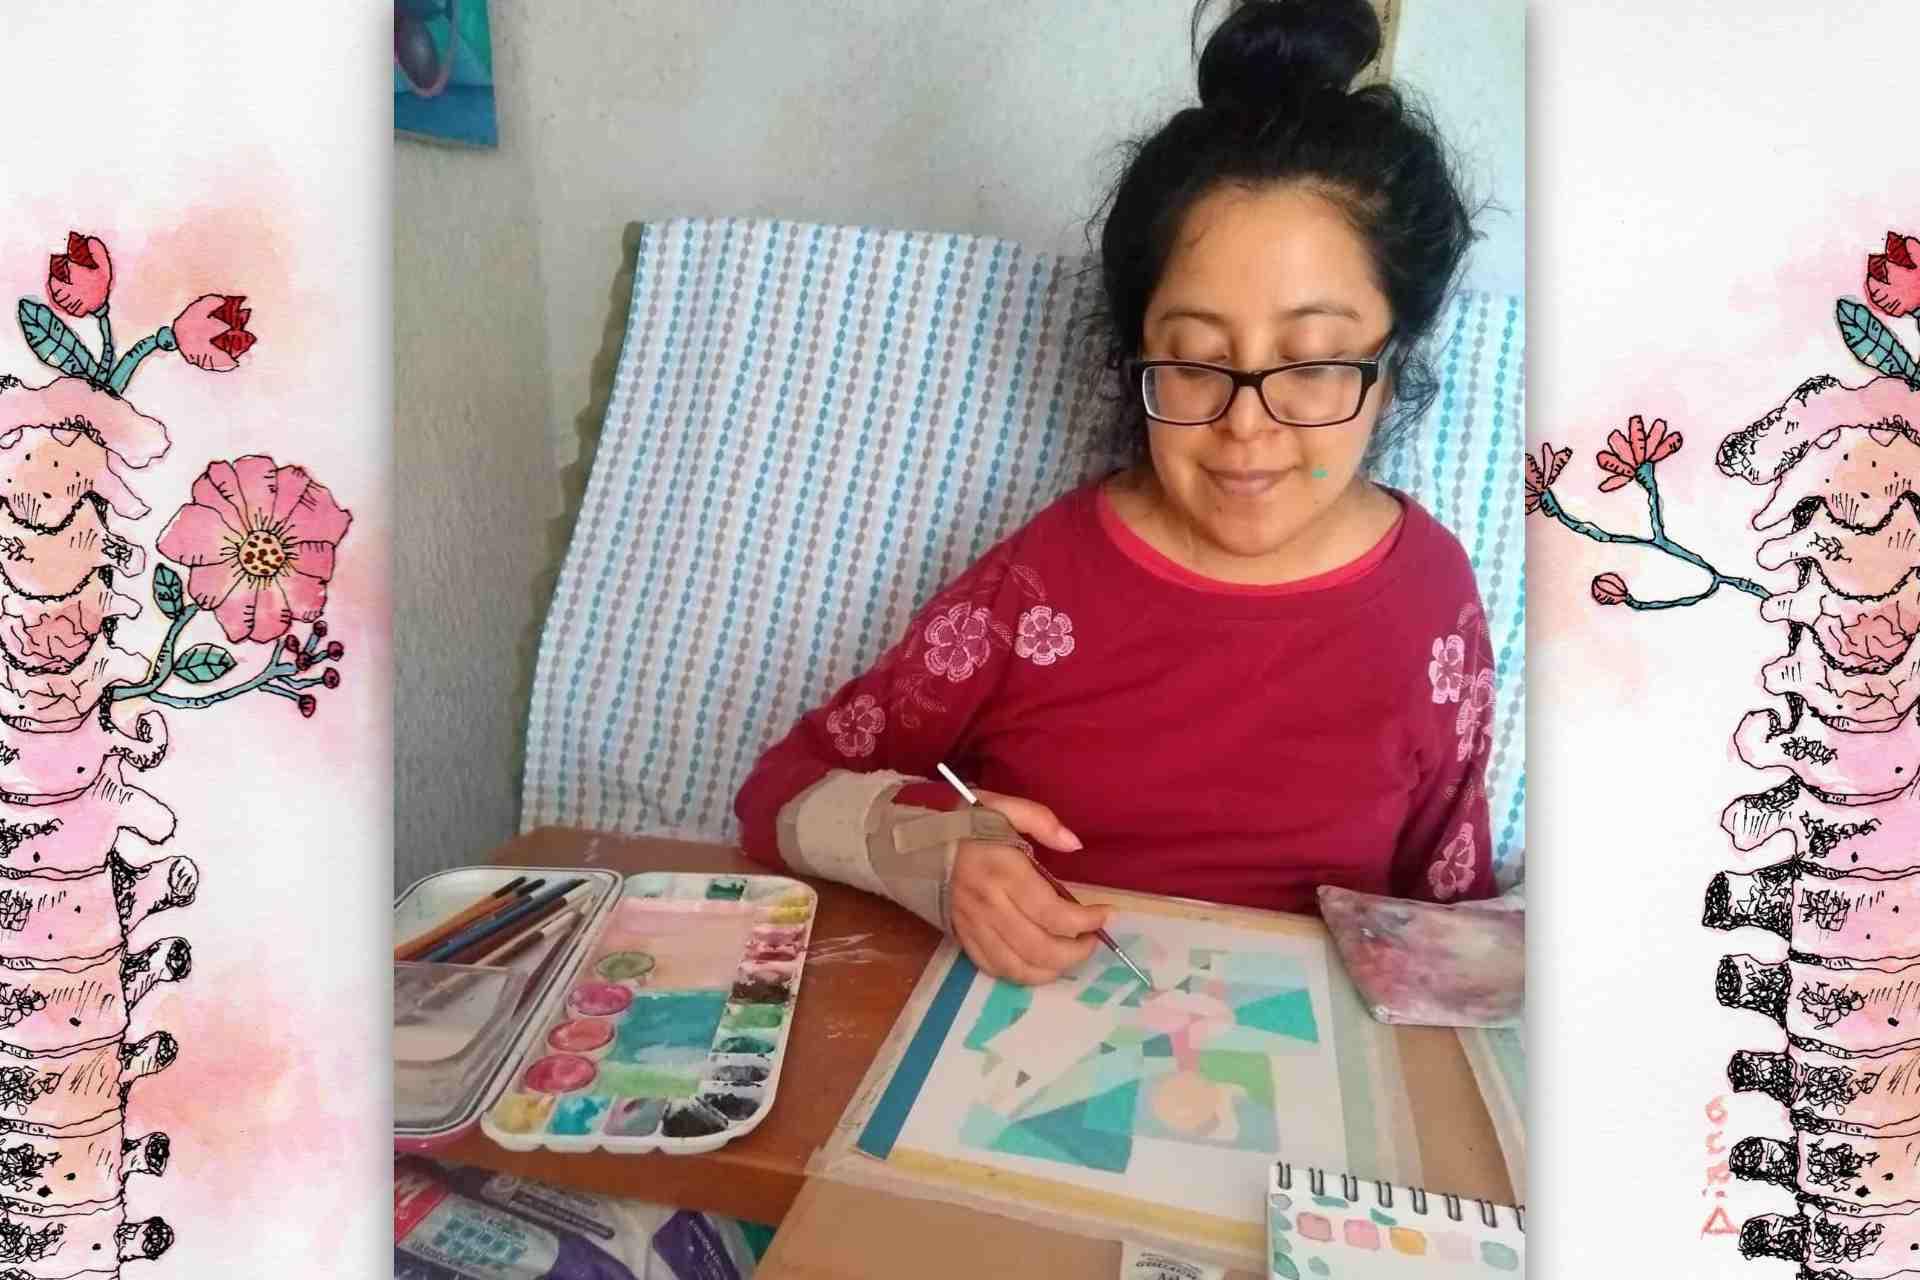 Trozos de vida-ITC-Instituto Tlaxcalteca de Cultura-Convocatoria-Personas con discapacidad-pintura